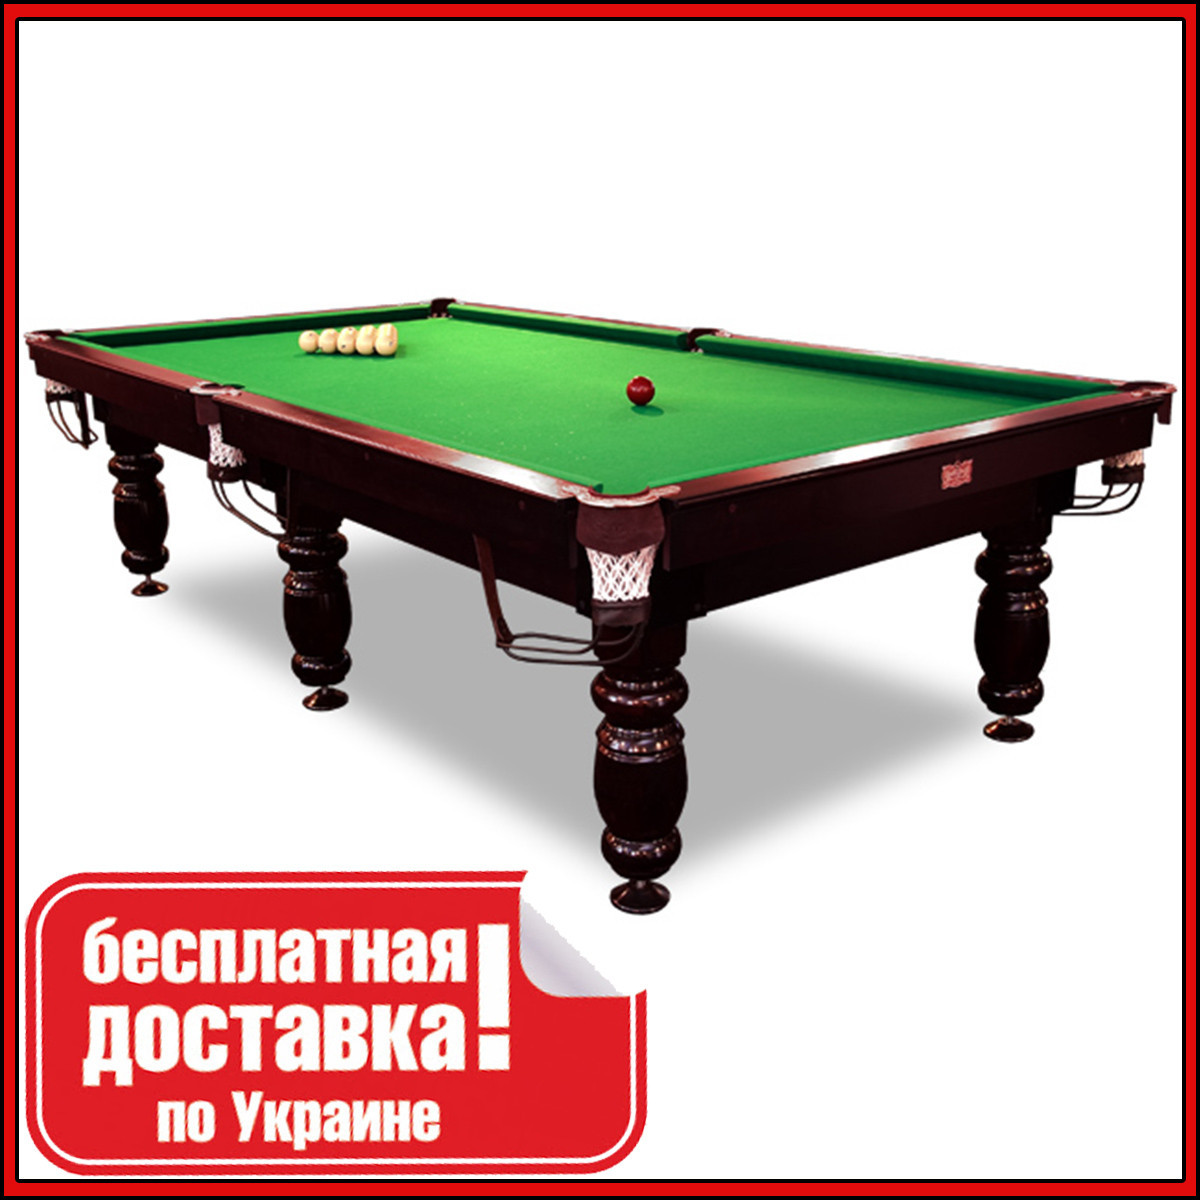 Бильярдный стол для пула КЛАССИК 2 ЛЮКС 10 футов Ардезия 2.8 м х 1.4 м из натурального дерева